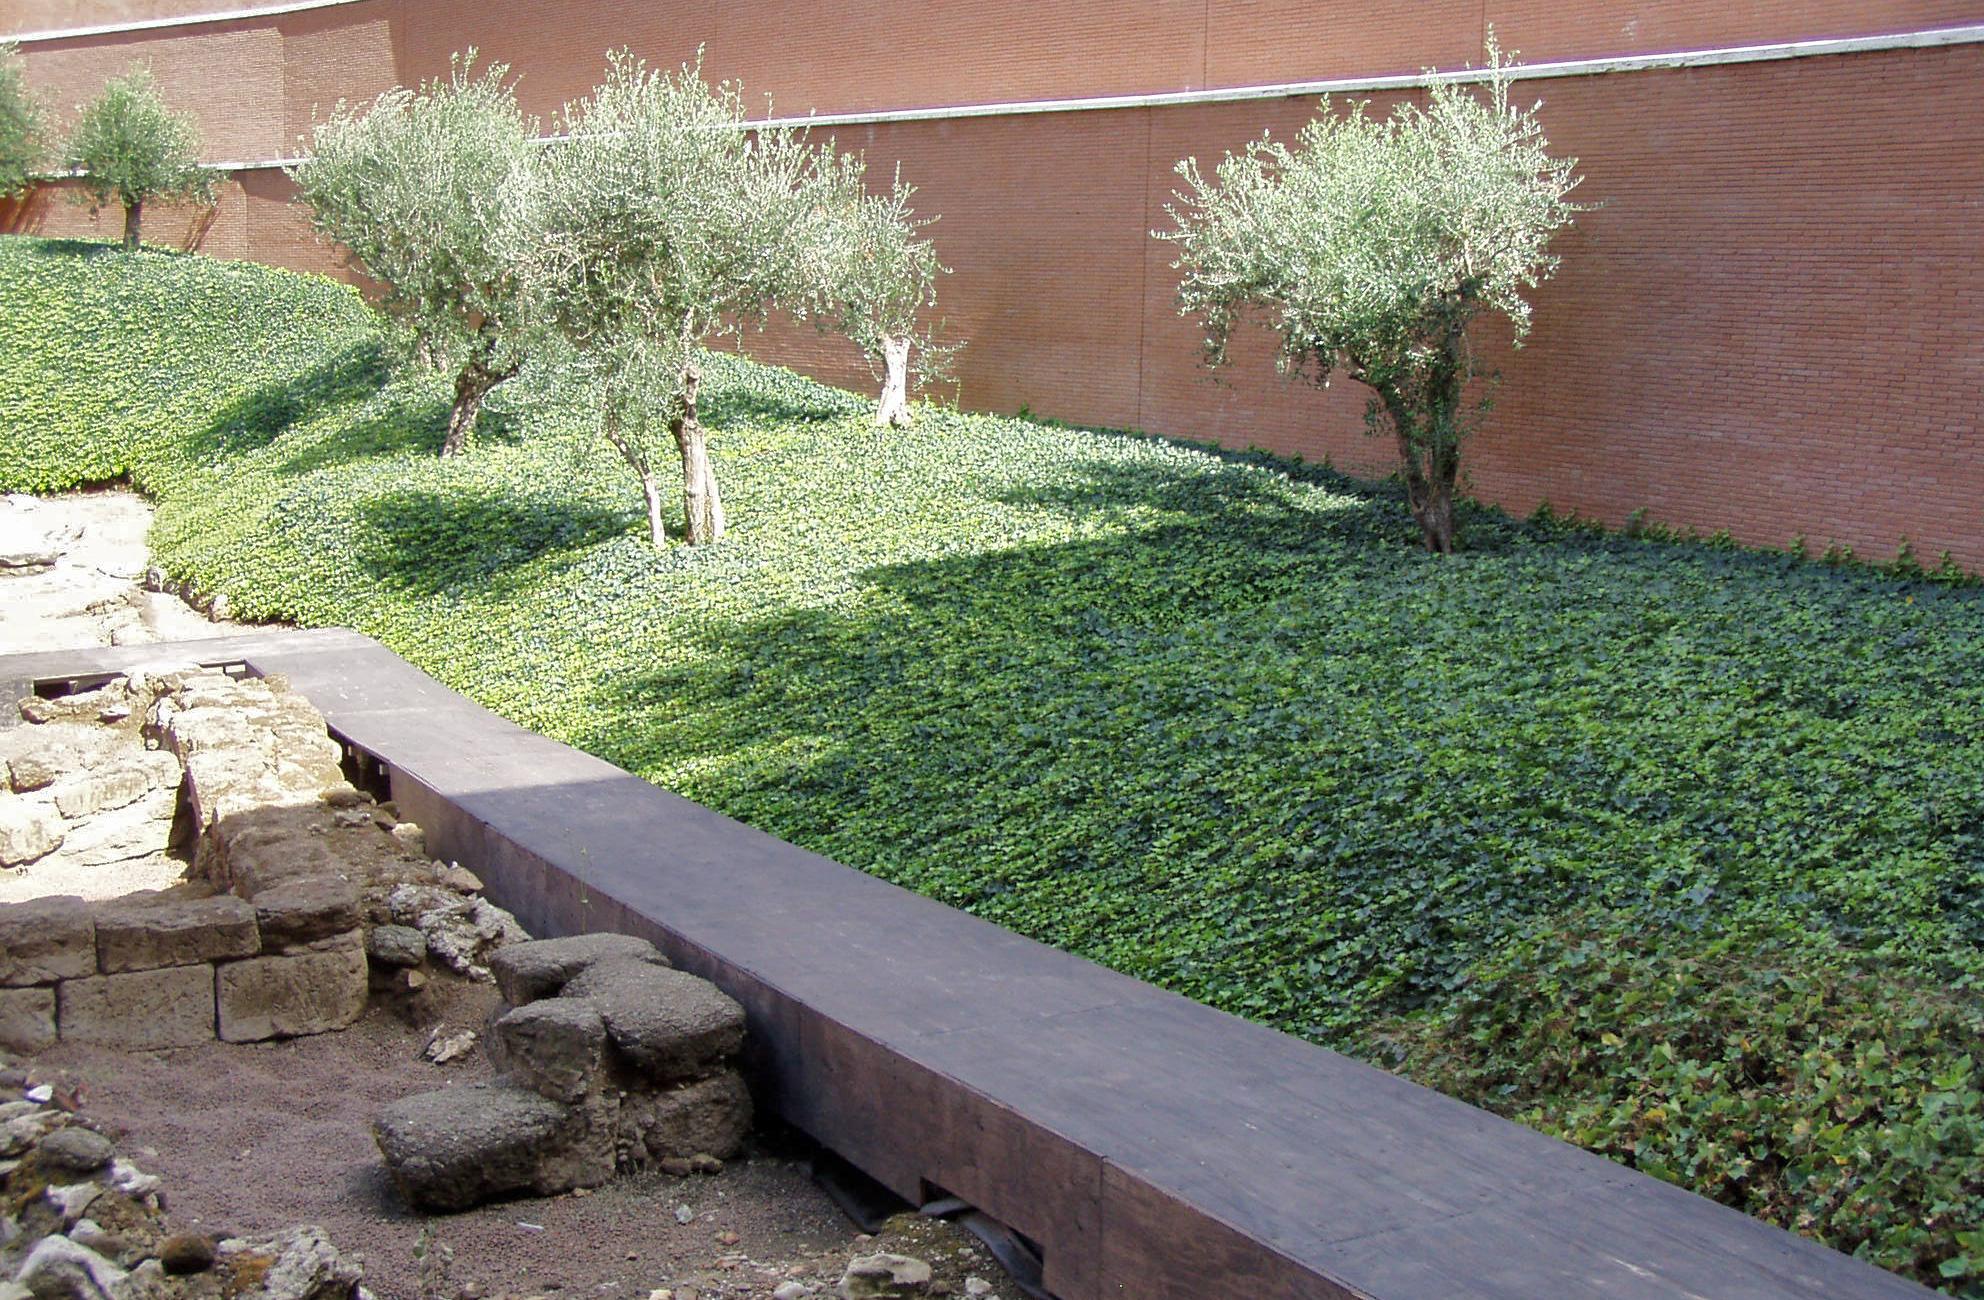 Micada-Group_Villa-Romana_Auditorium-Progettazione_09.jpg